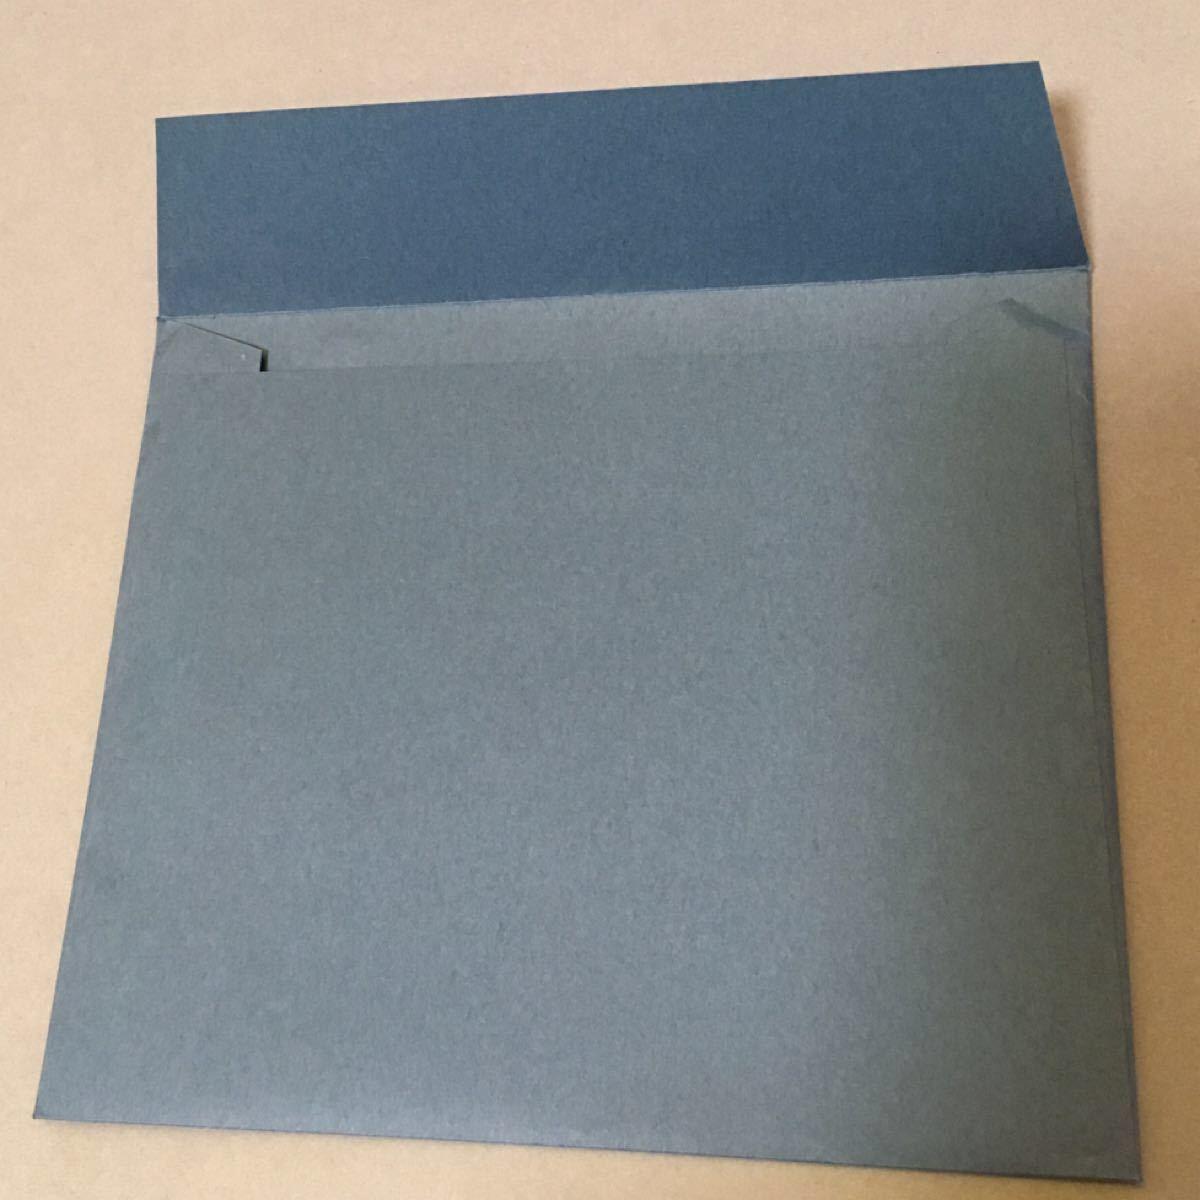 スターバックスカード イチロー コレクター向け カードとしては使用不可